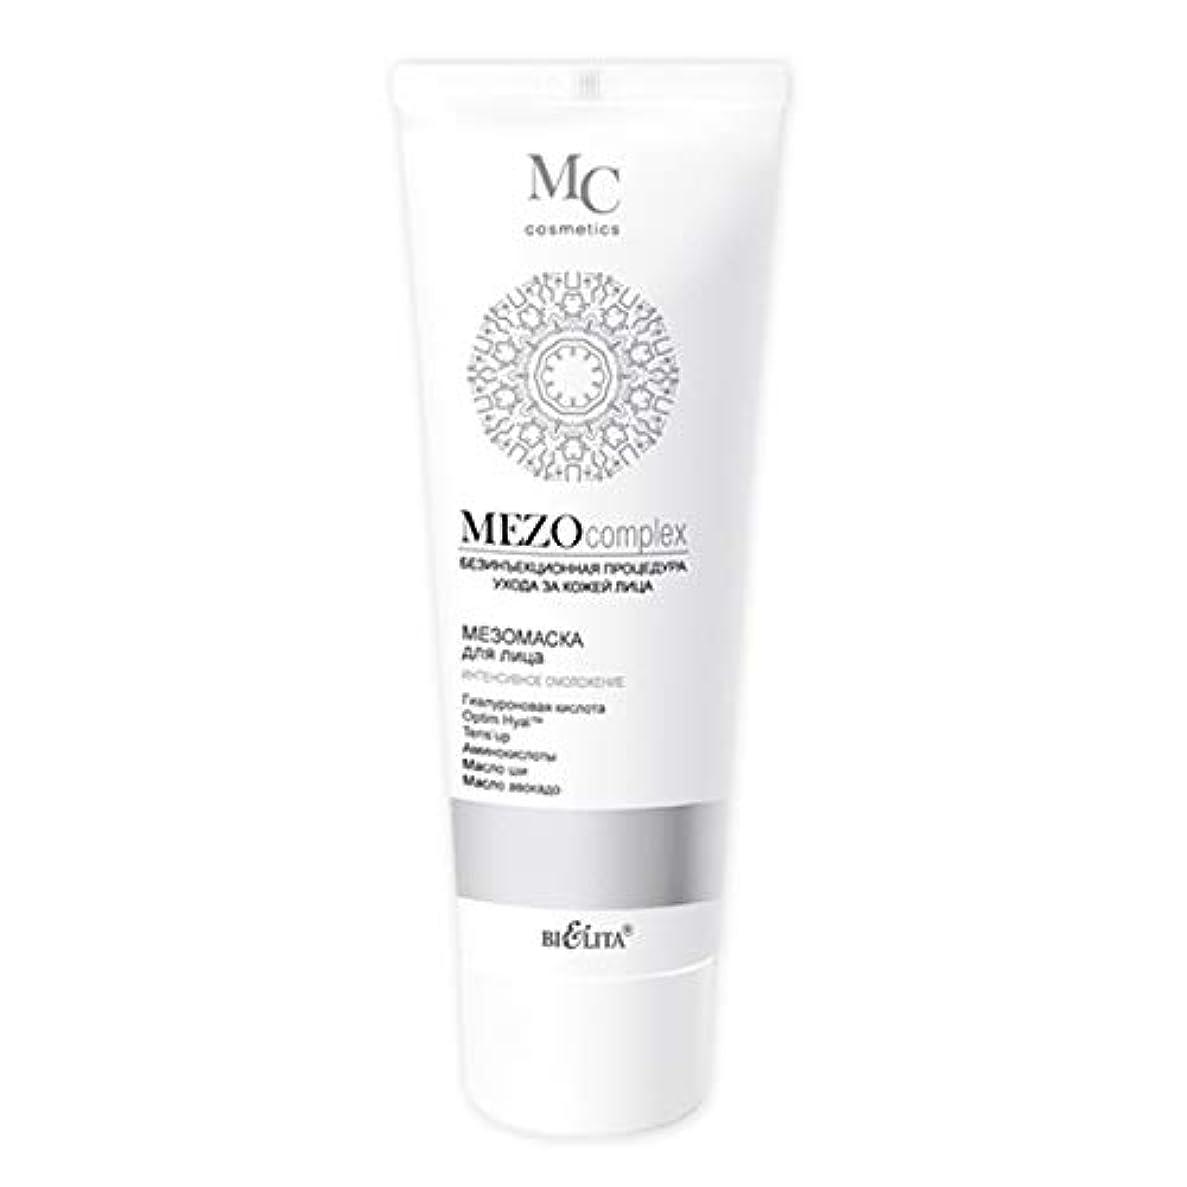 手数料敬手伝うMezo complex | Mezo MASK for the face | Non-injection facial skin care procedure | Hyaluronic acid | Optim Hyal...